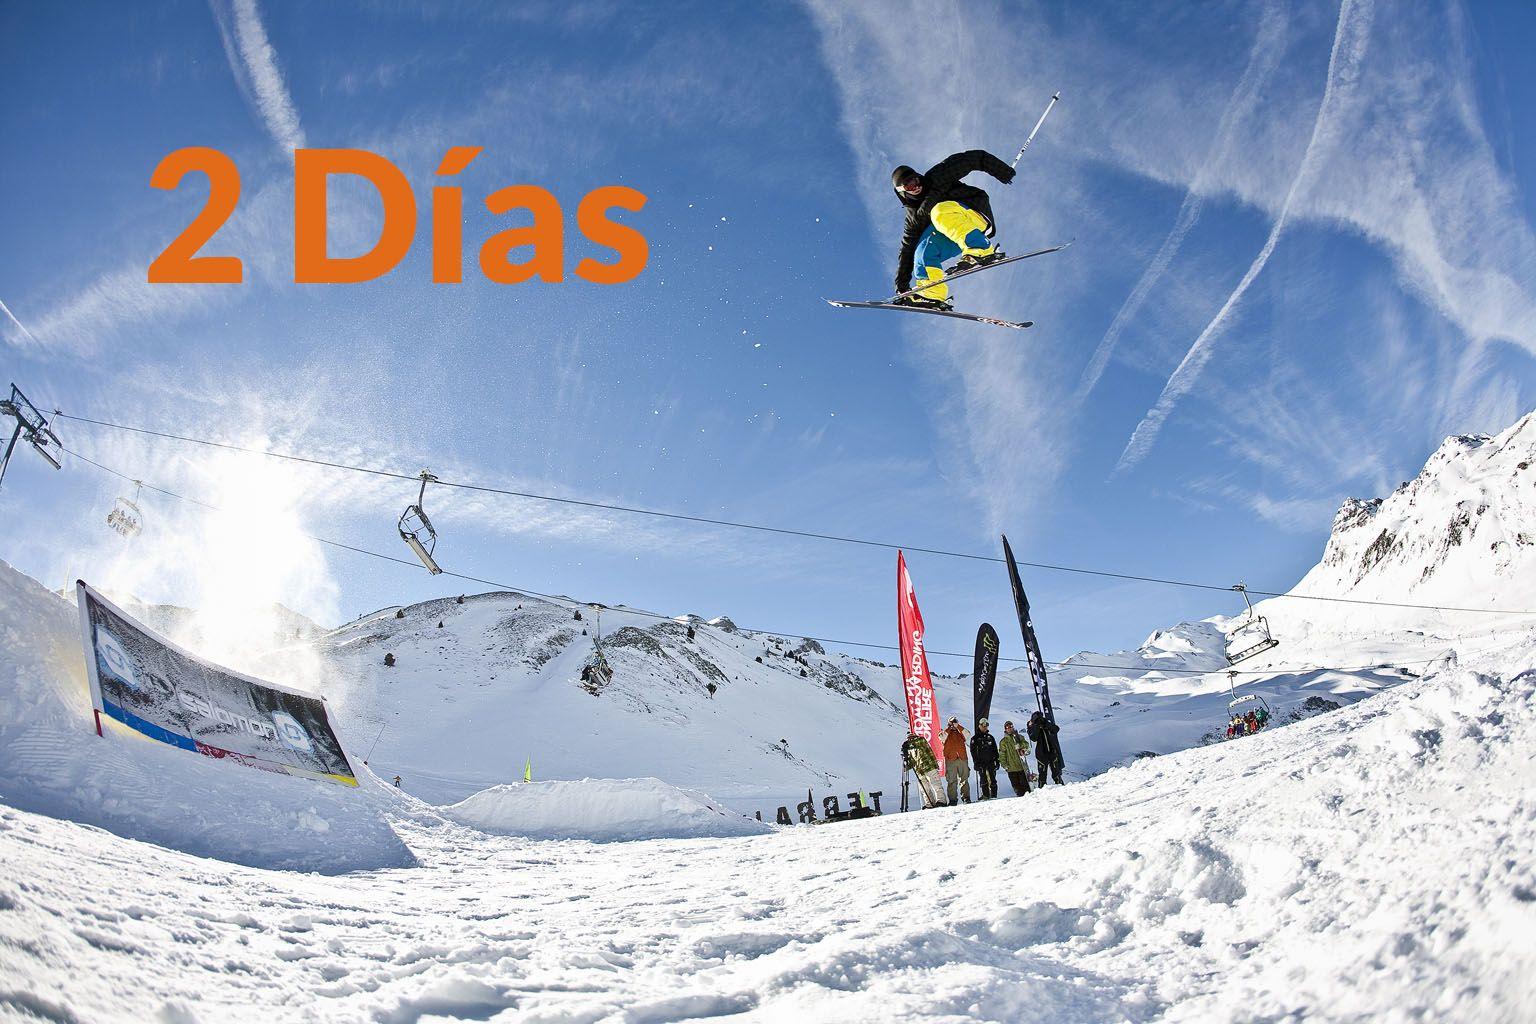 En dos días nos vamos de aventura a #Formigal.   Deseando contarte las experiencias de nuestros aventureros #Wild.  #ski #intothewild #snow